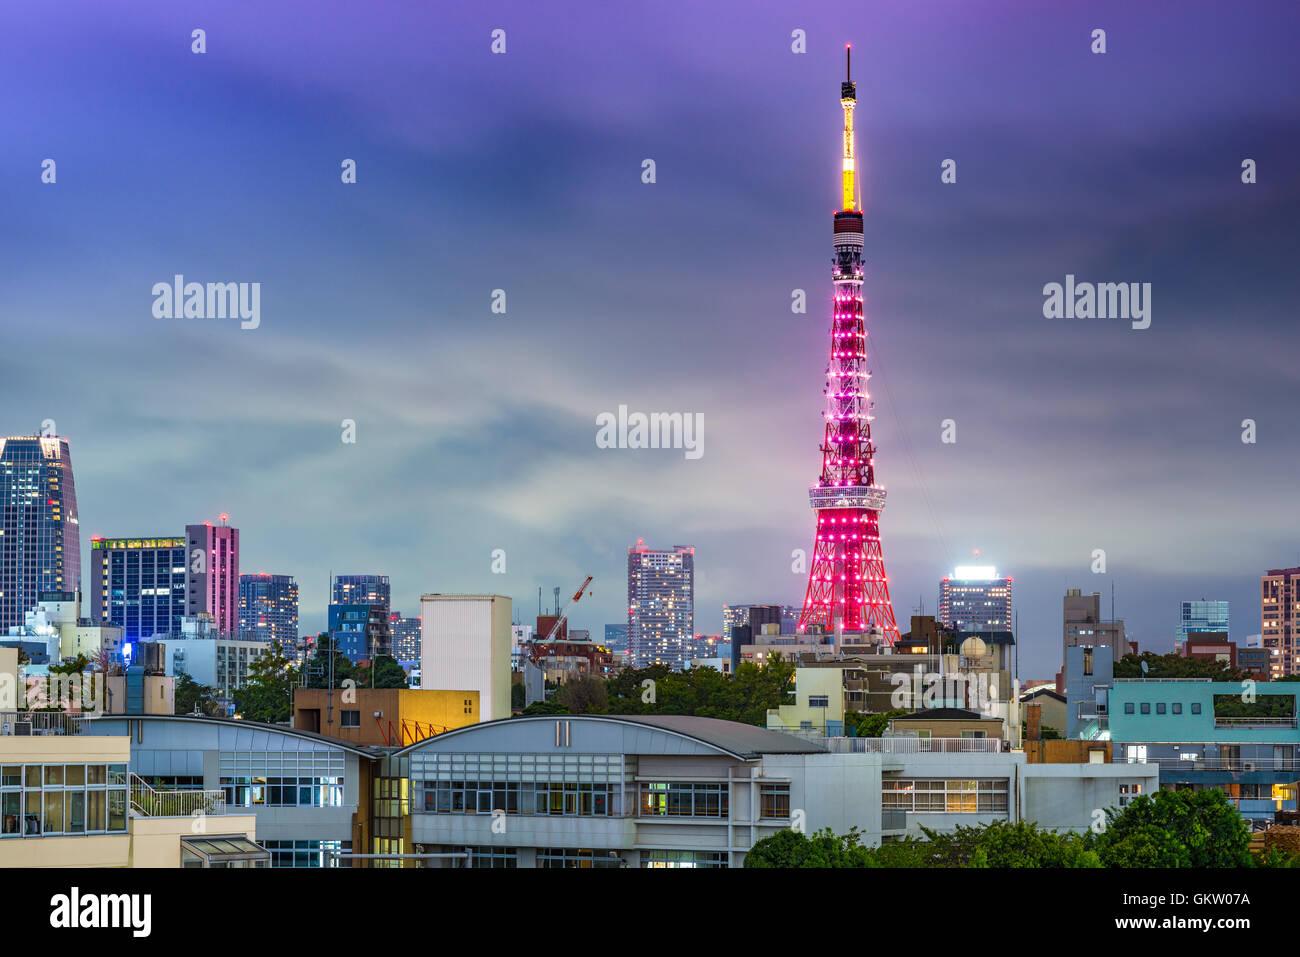 Skyline von Tokyo, Japan mit Tokyo Tower während spezieller Beleuchtung. Stockfoto